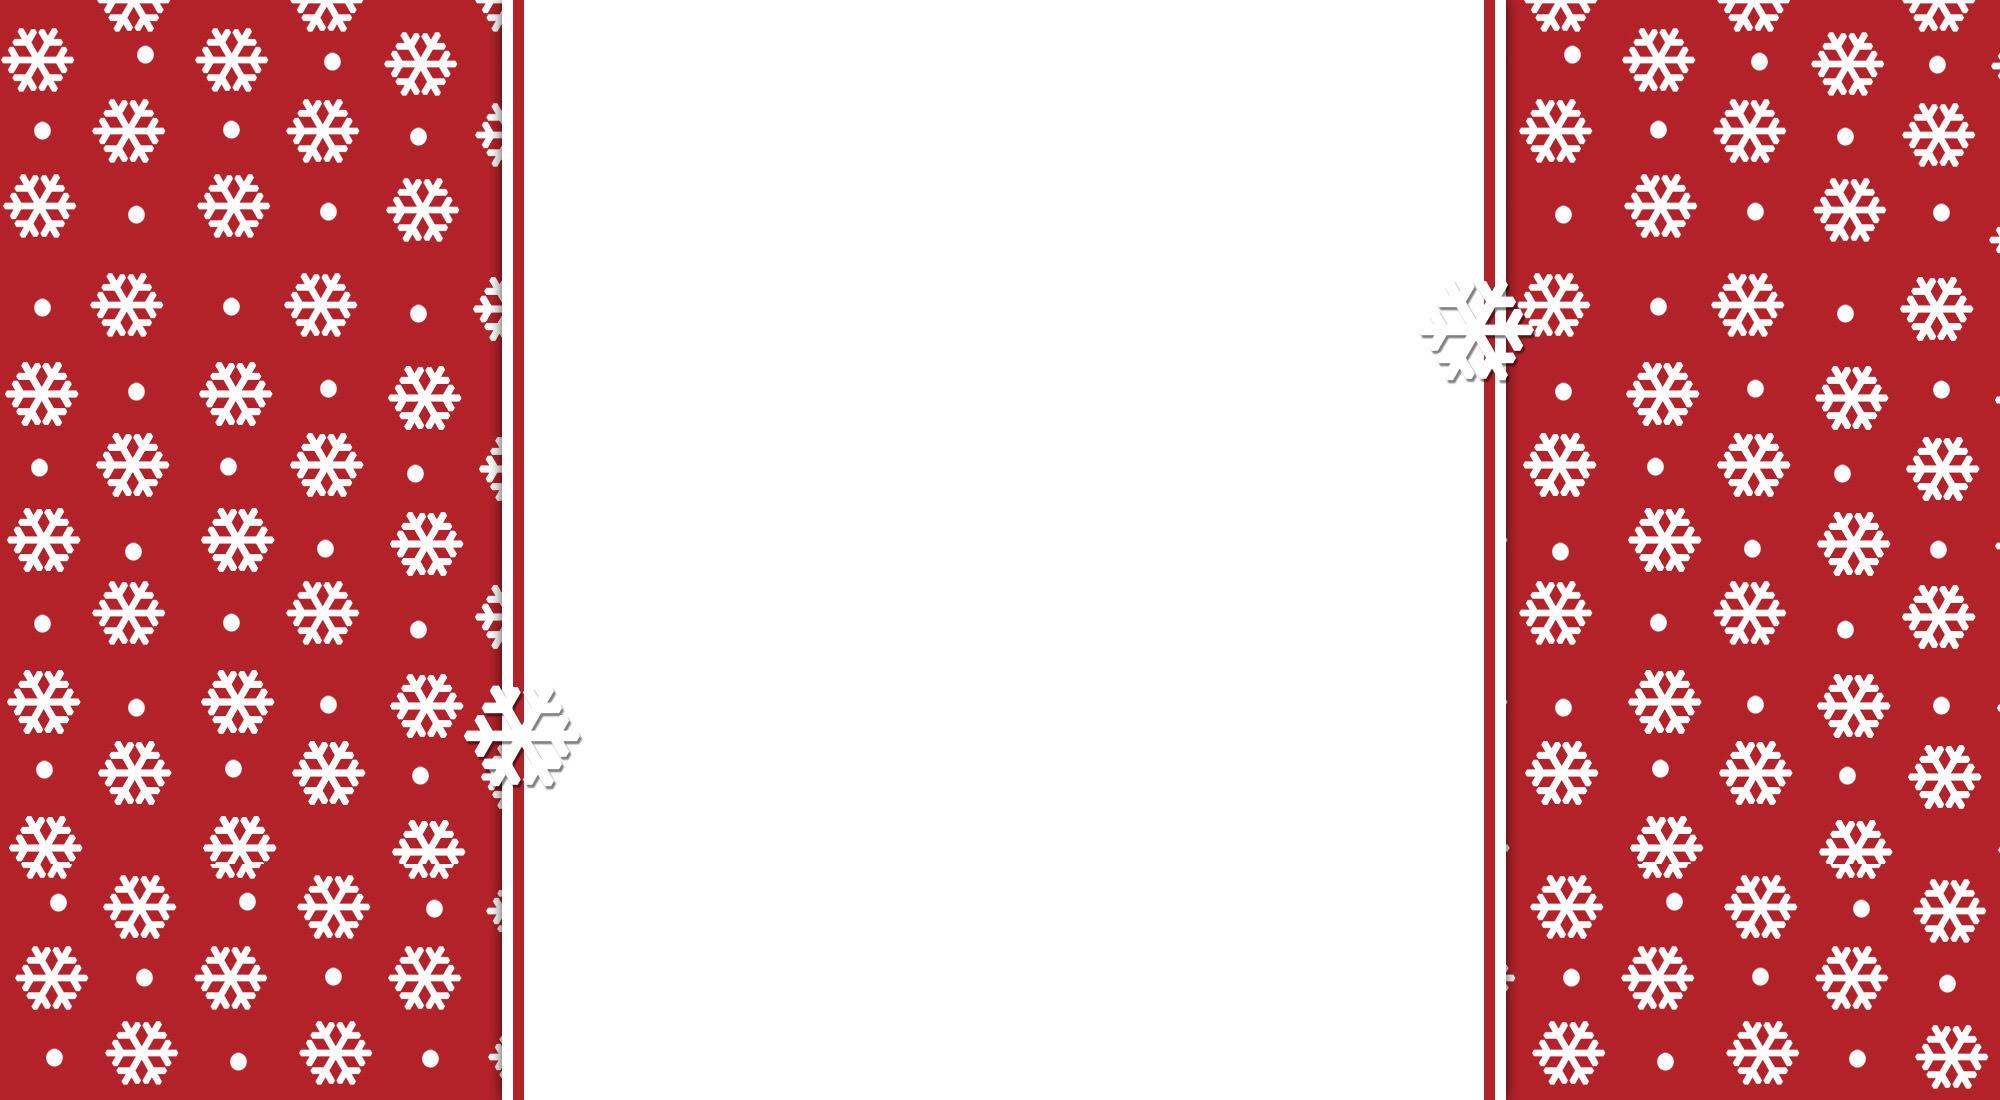 Christmas Blog Backgrounds DesignerBlogscom 2000x1100